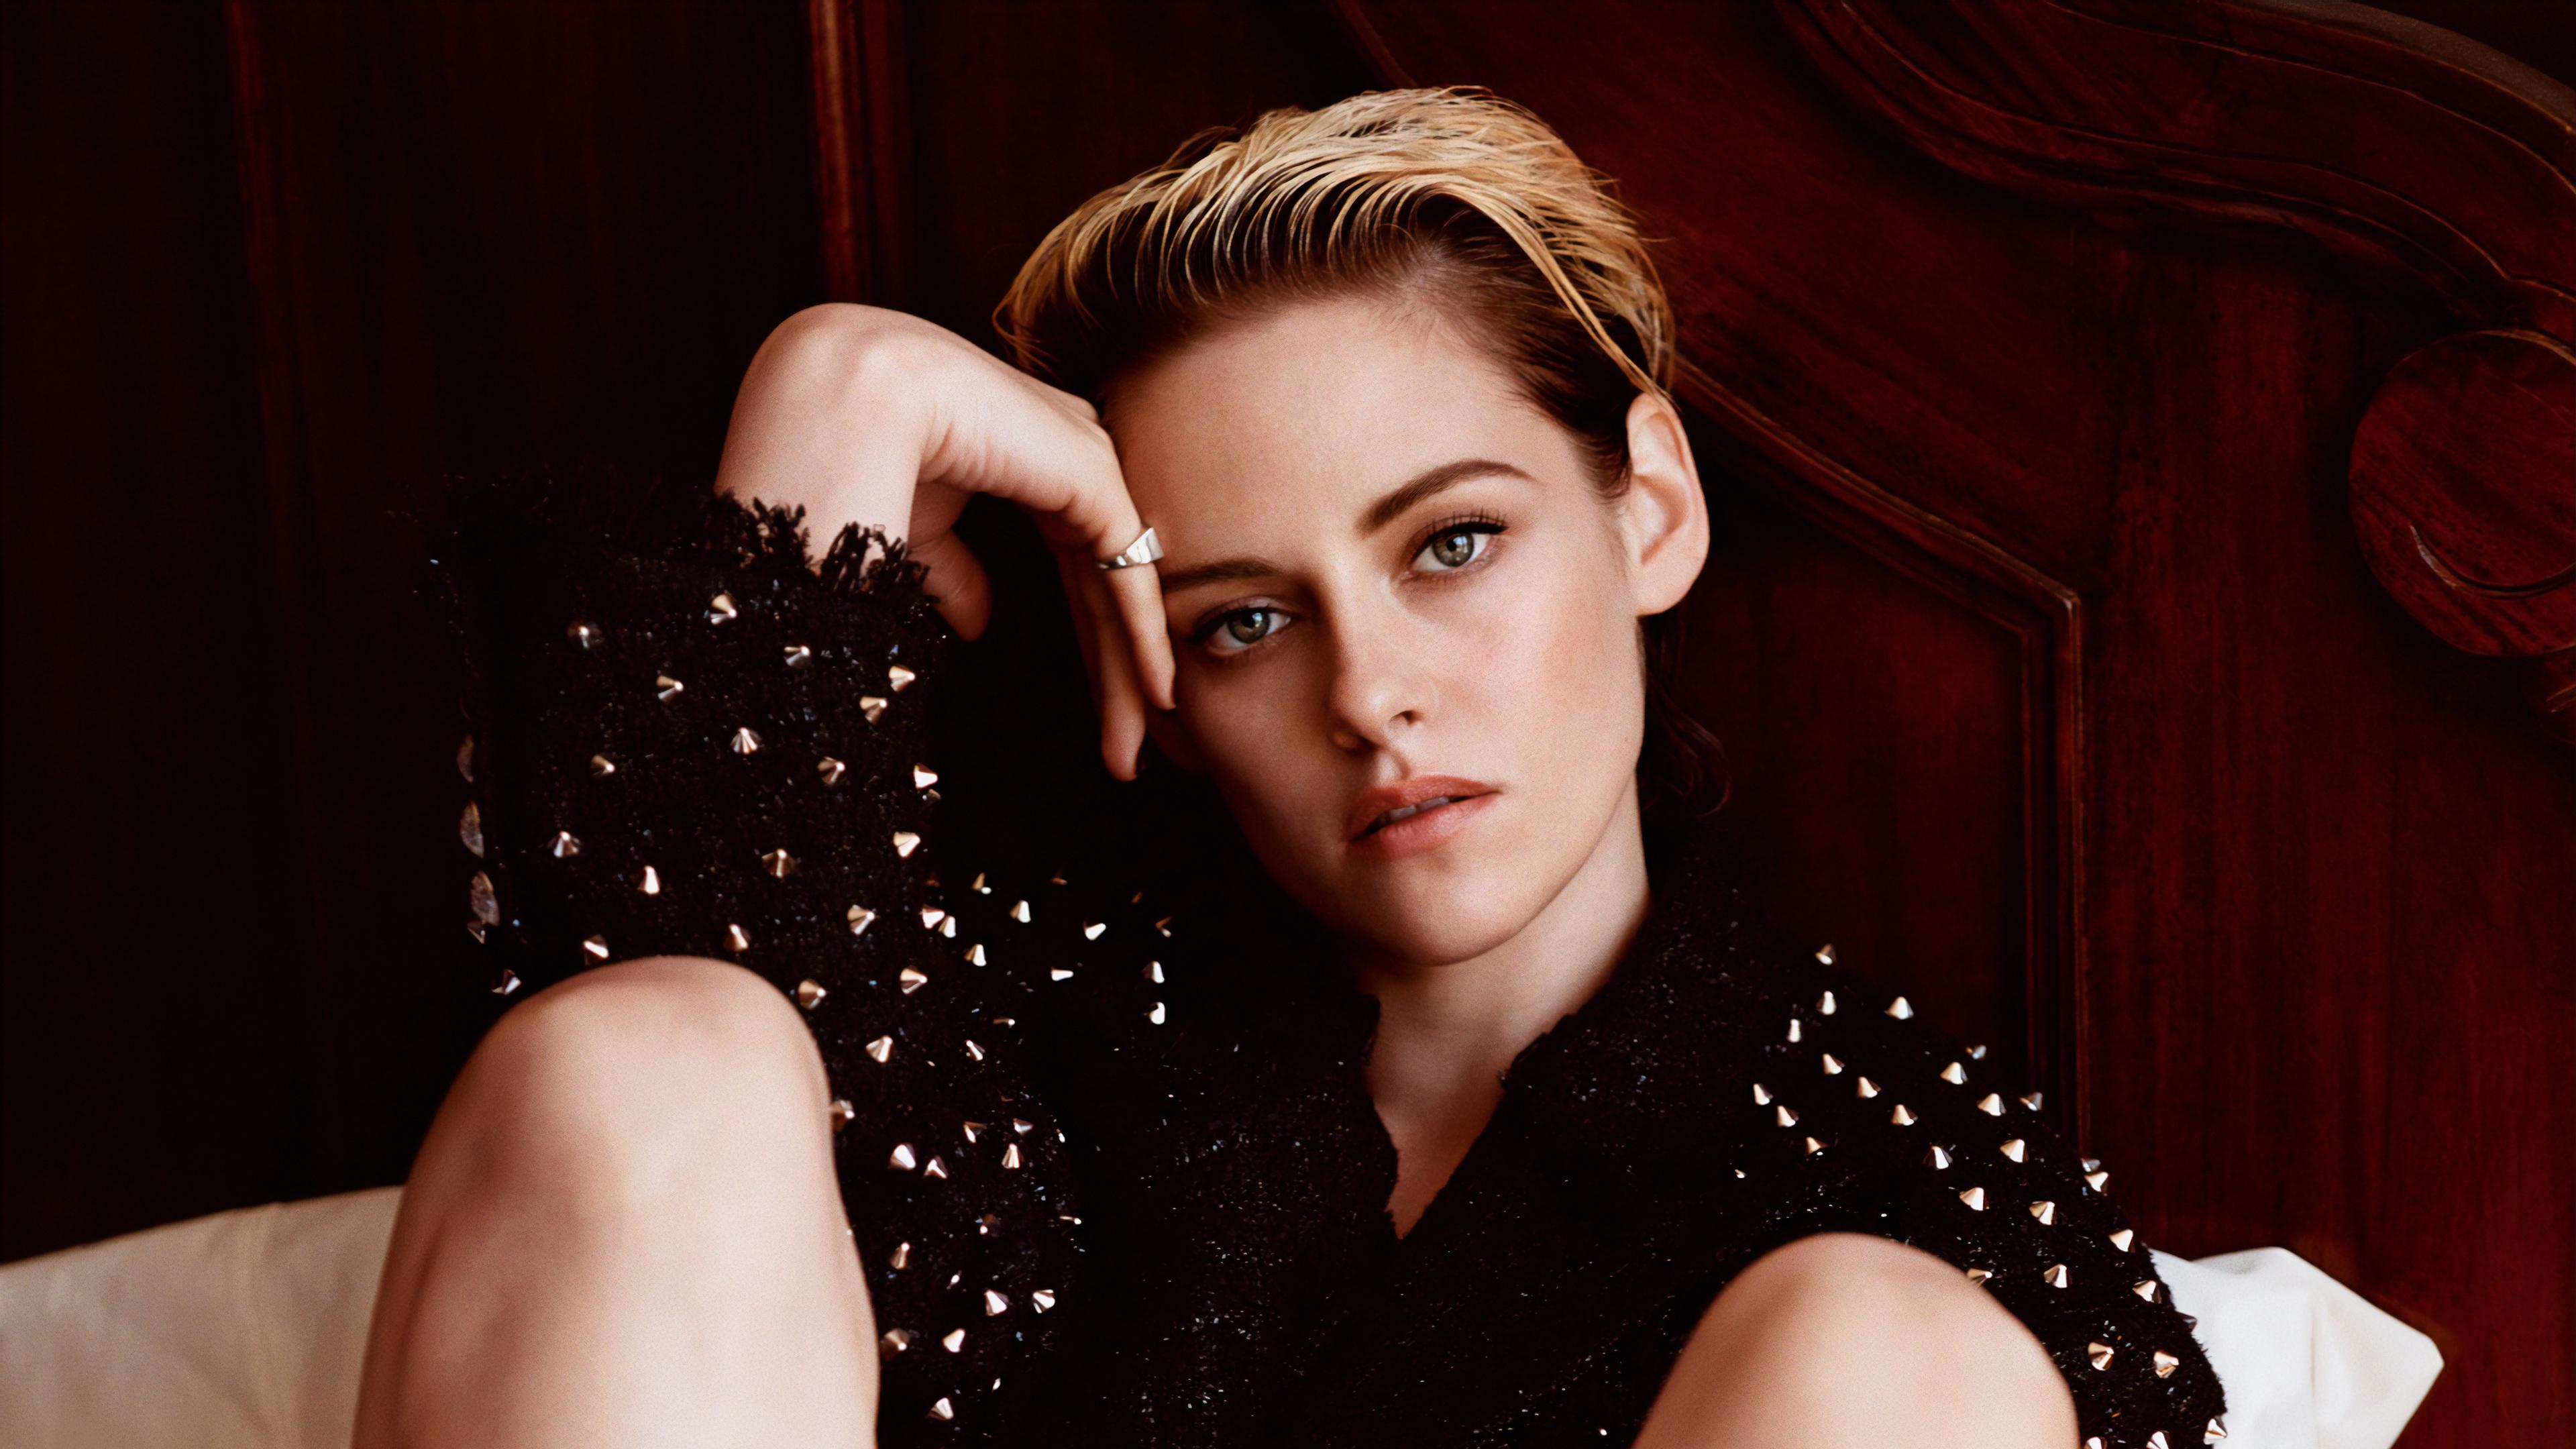 American Actress Blonde Short Hair Green Eyes 3840x2160